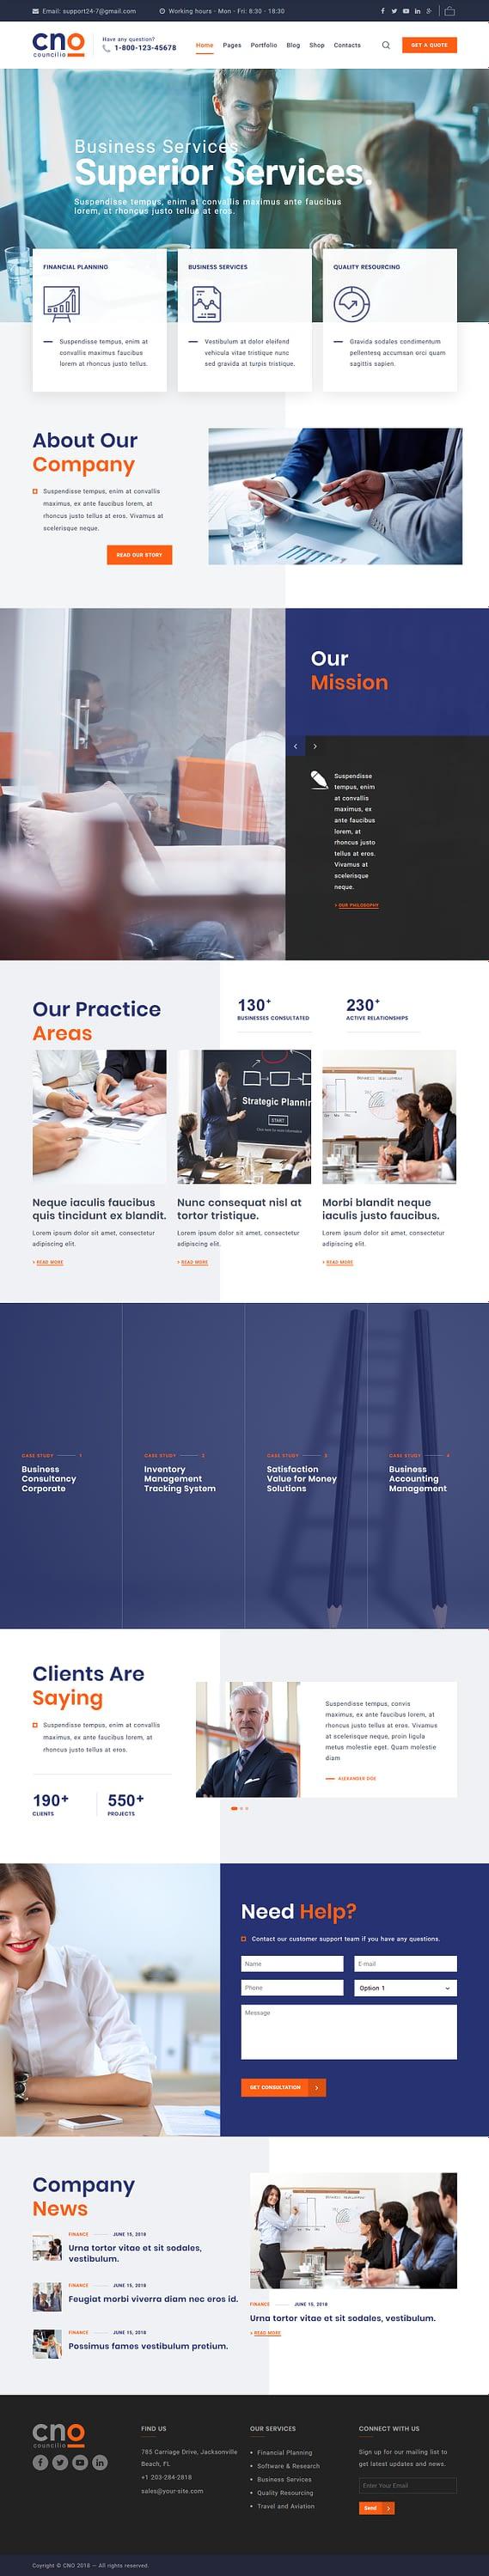 councilio best premium consultant wordpress theme - 10+ Best Premium Consulting WordPress Themes